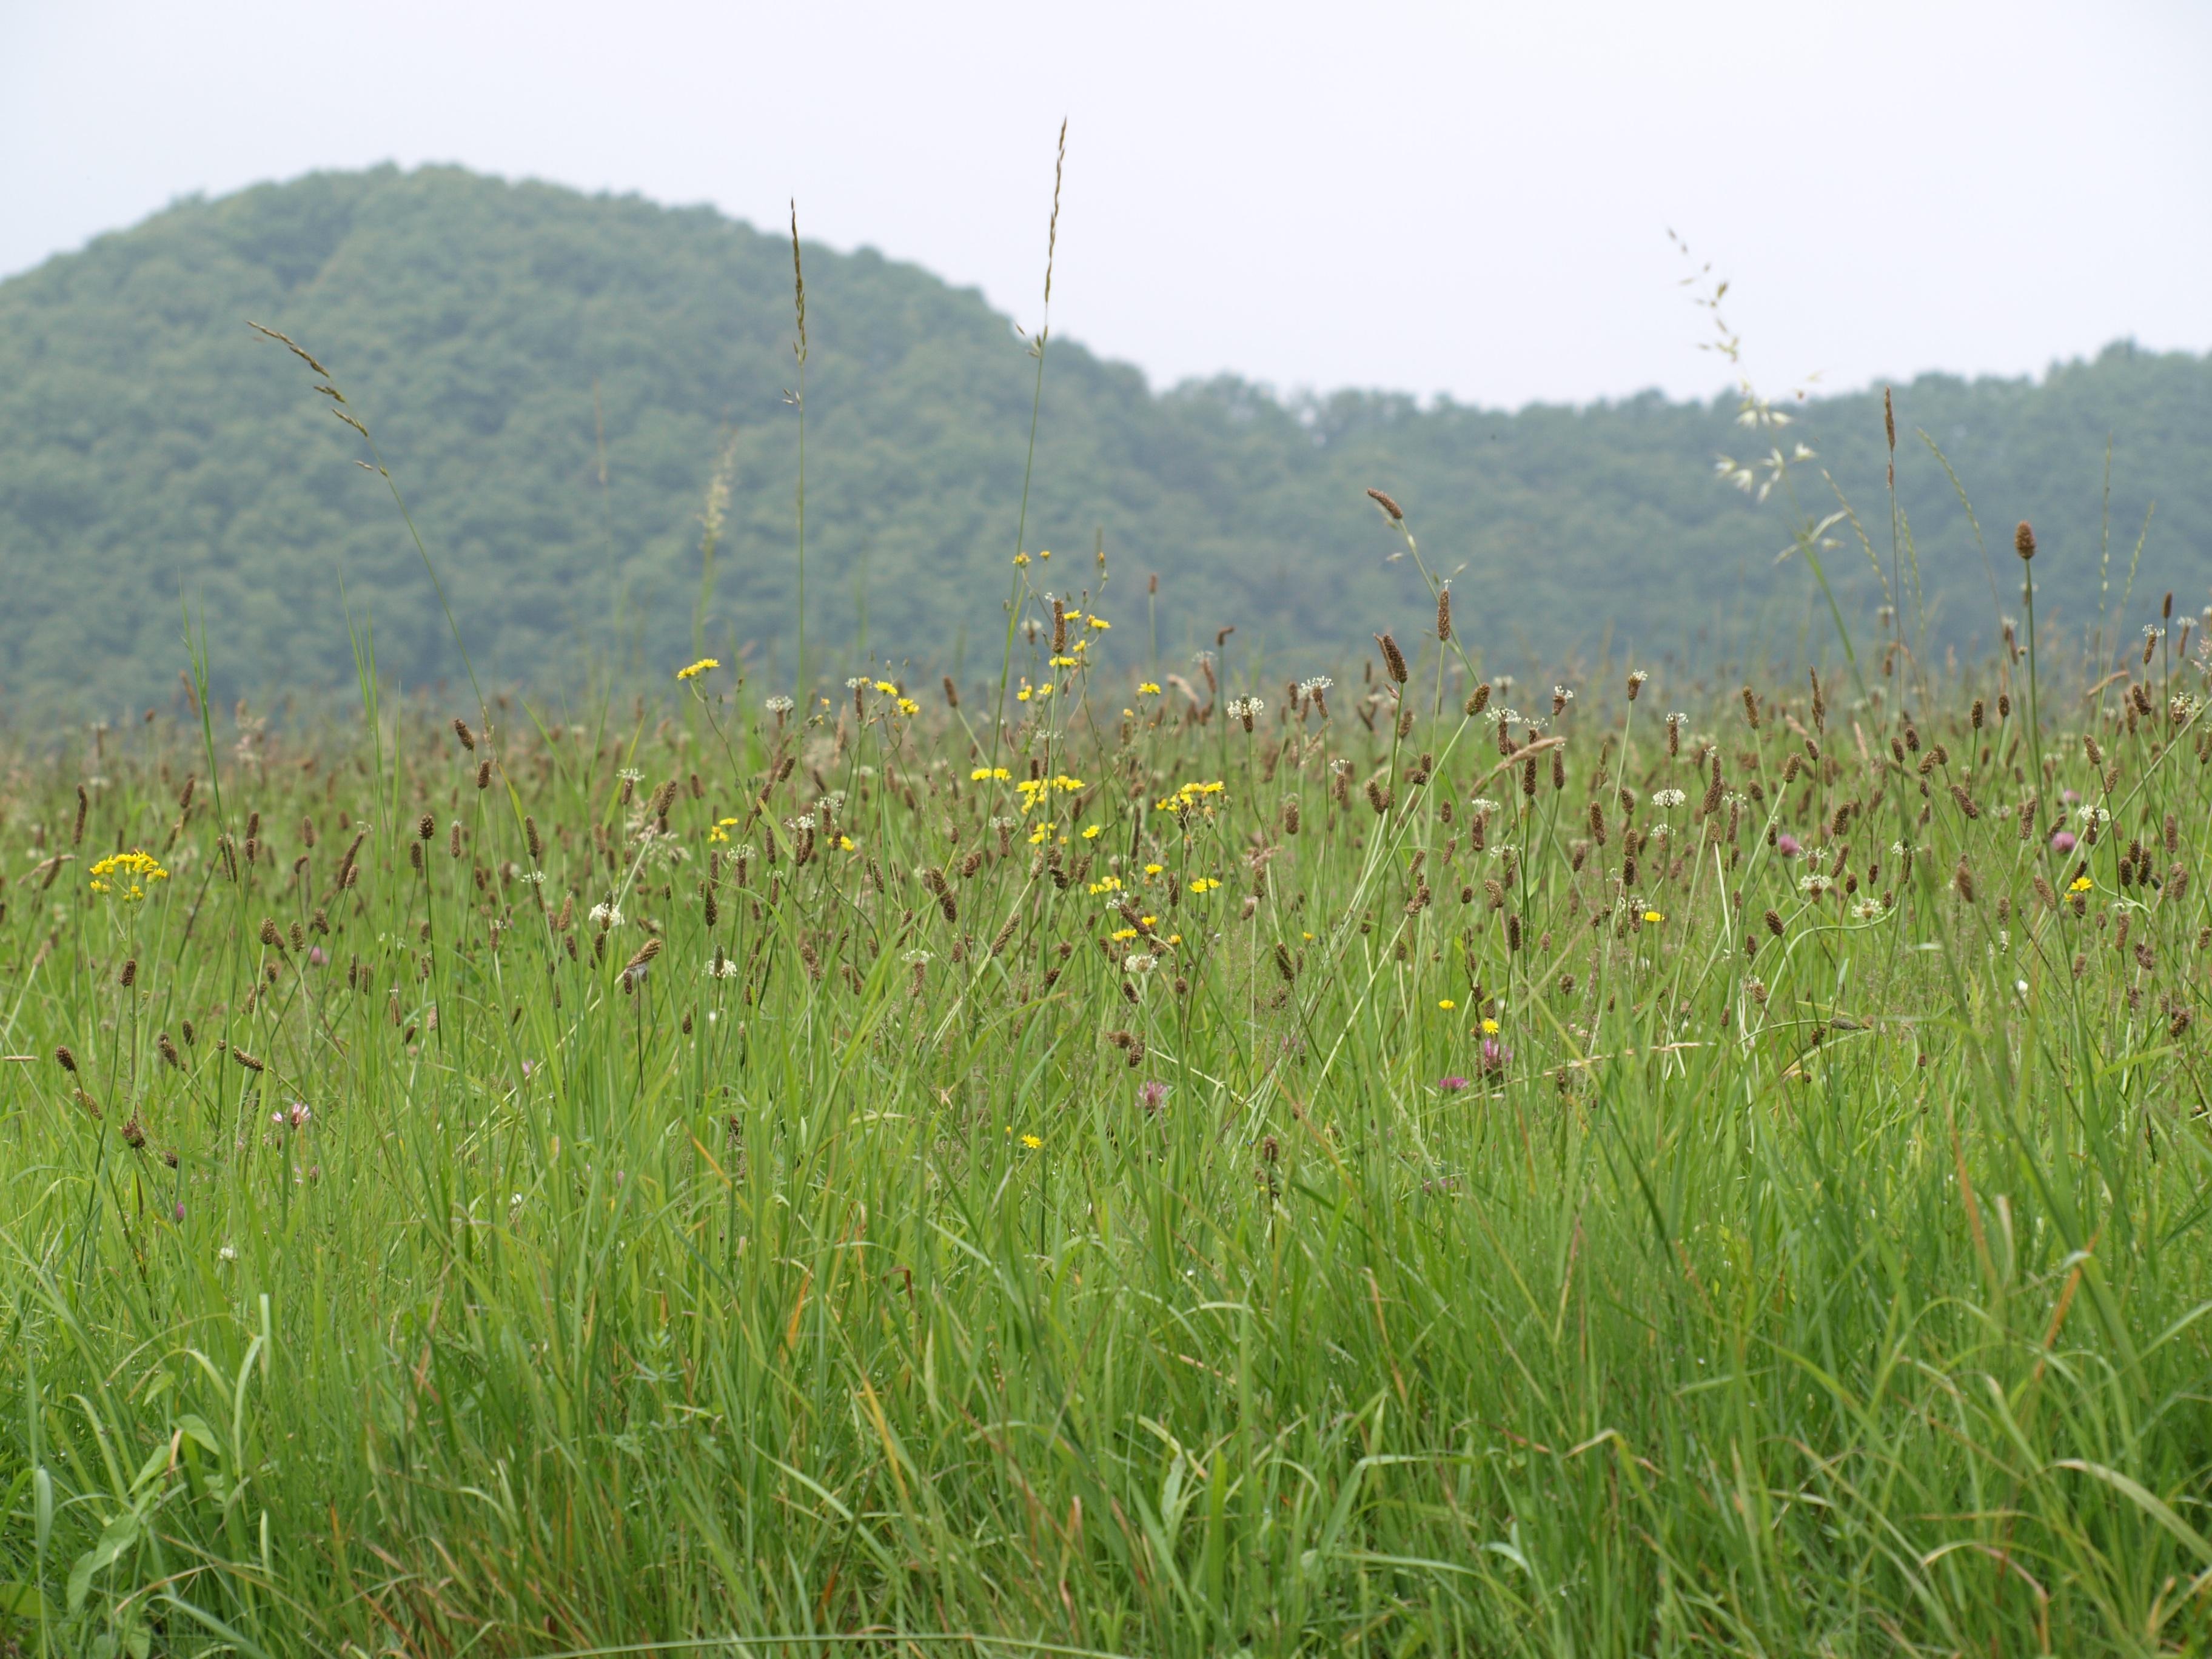 images gratuites herbe le marais montagne plante champ pelouse prairie fleur surgir. Black Bedroom Furniture Sets. Home Design Ideas